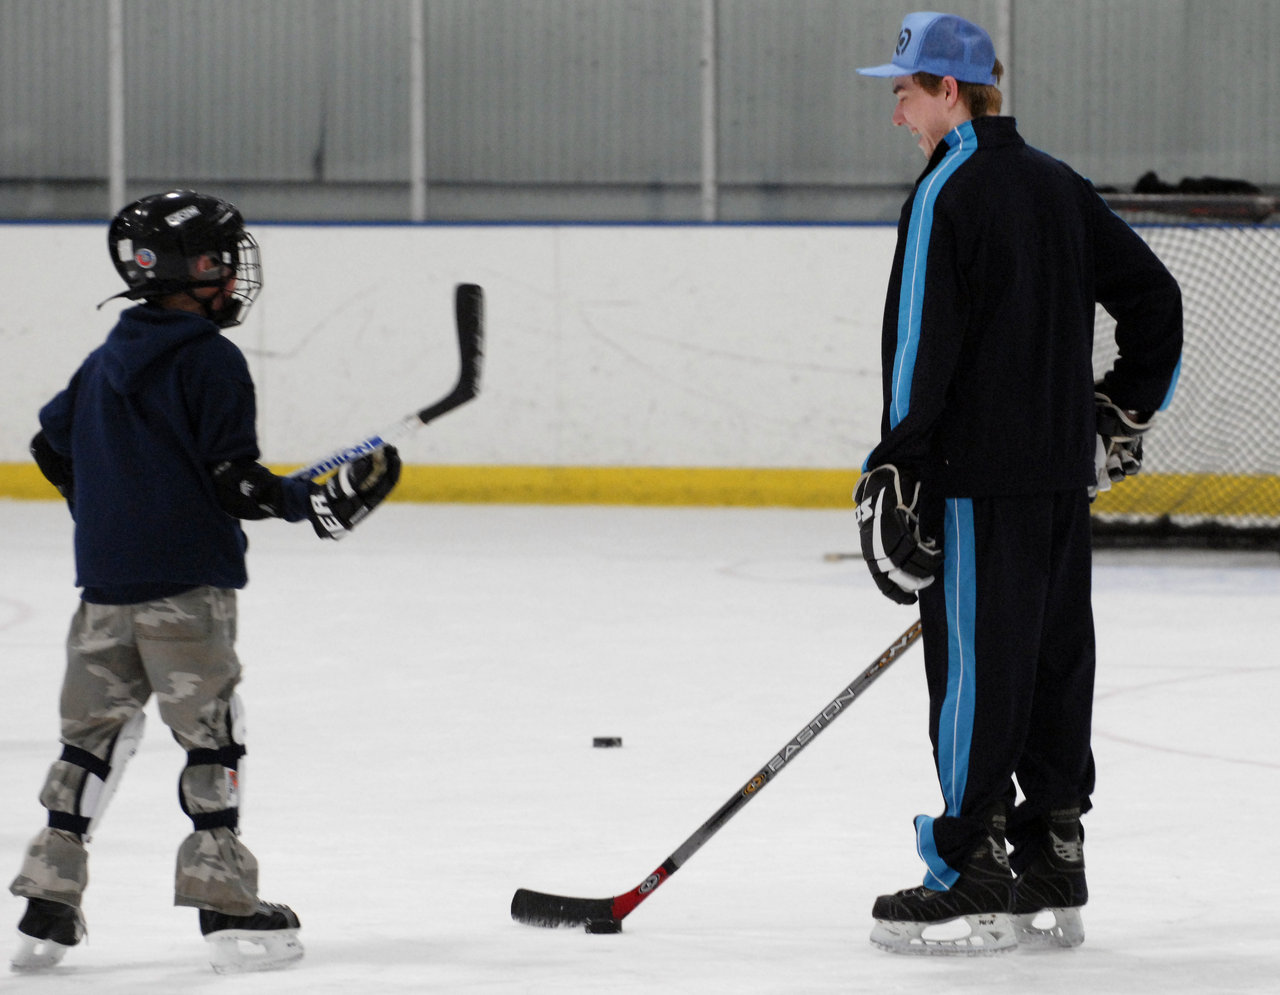 HockeyTrust08_246-60.jpg